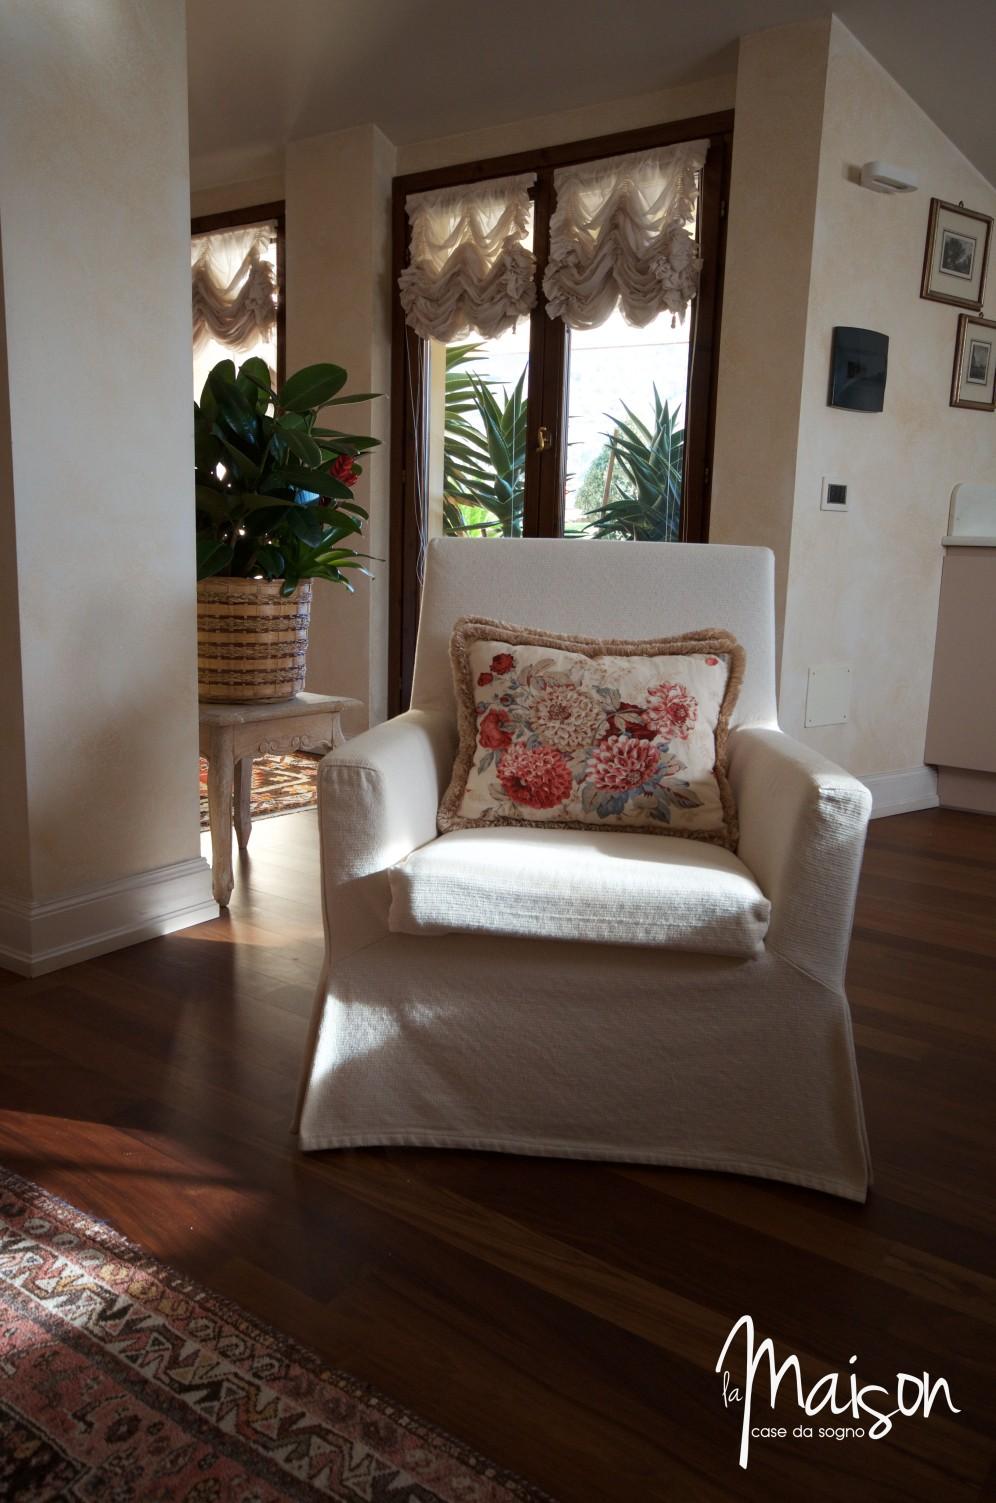 appartamento con mansarda la castellina prato agenzia immobiliare case vendita la maison case da sogno prato15